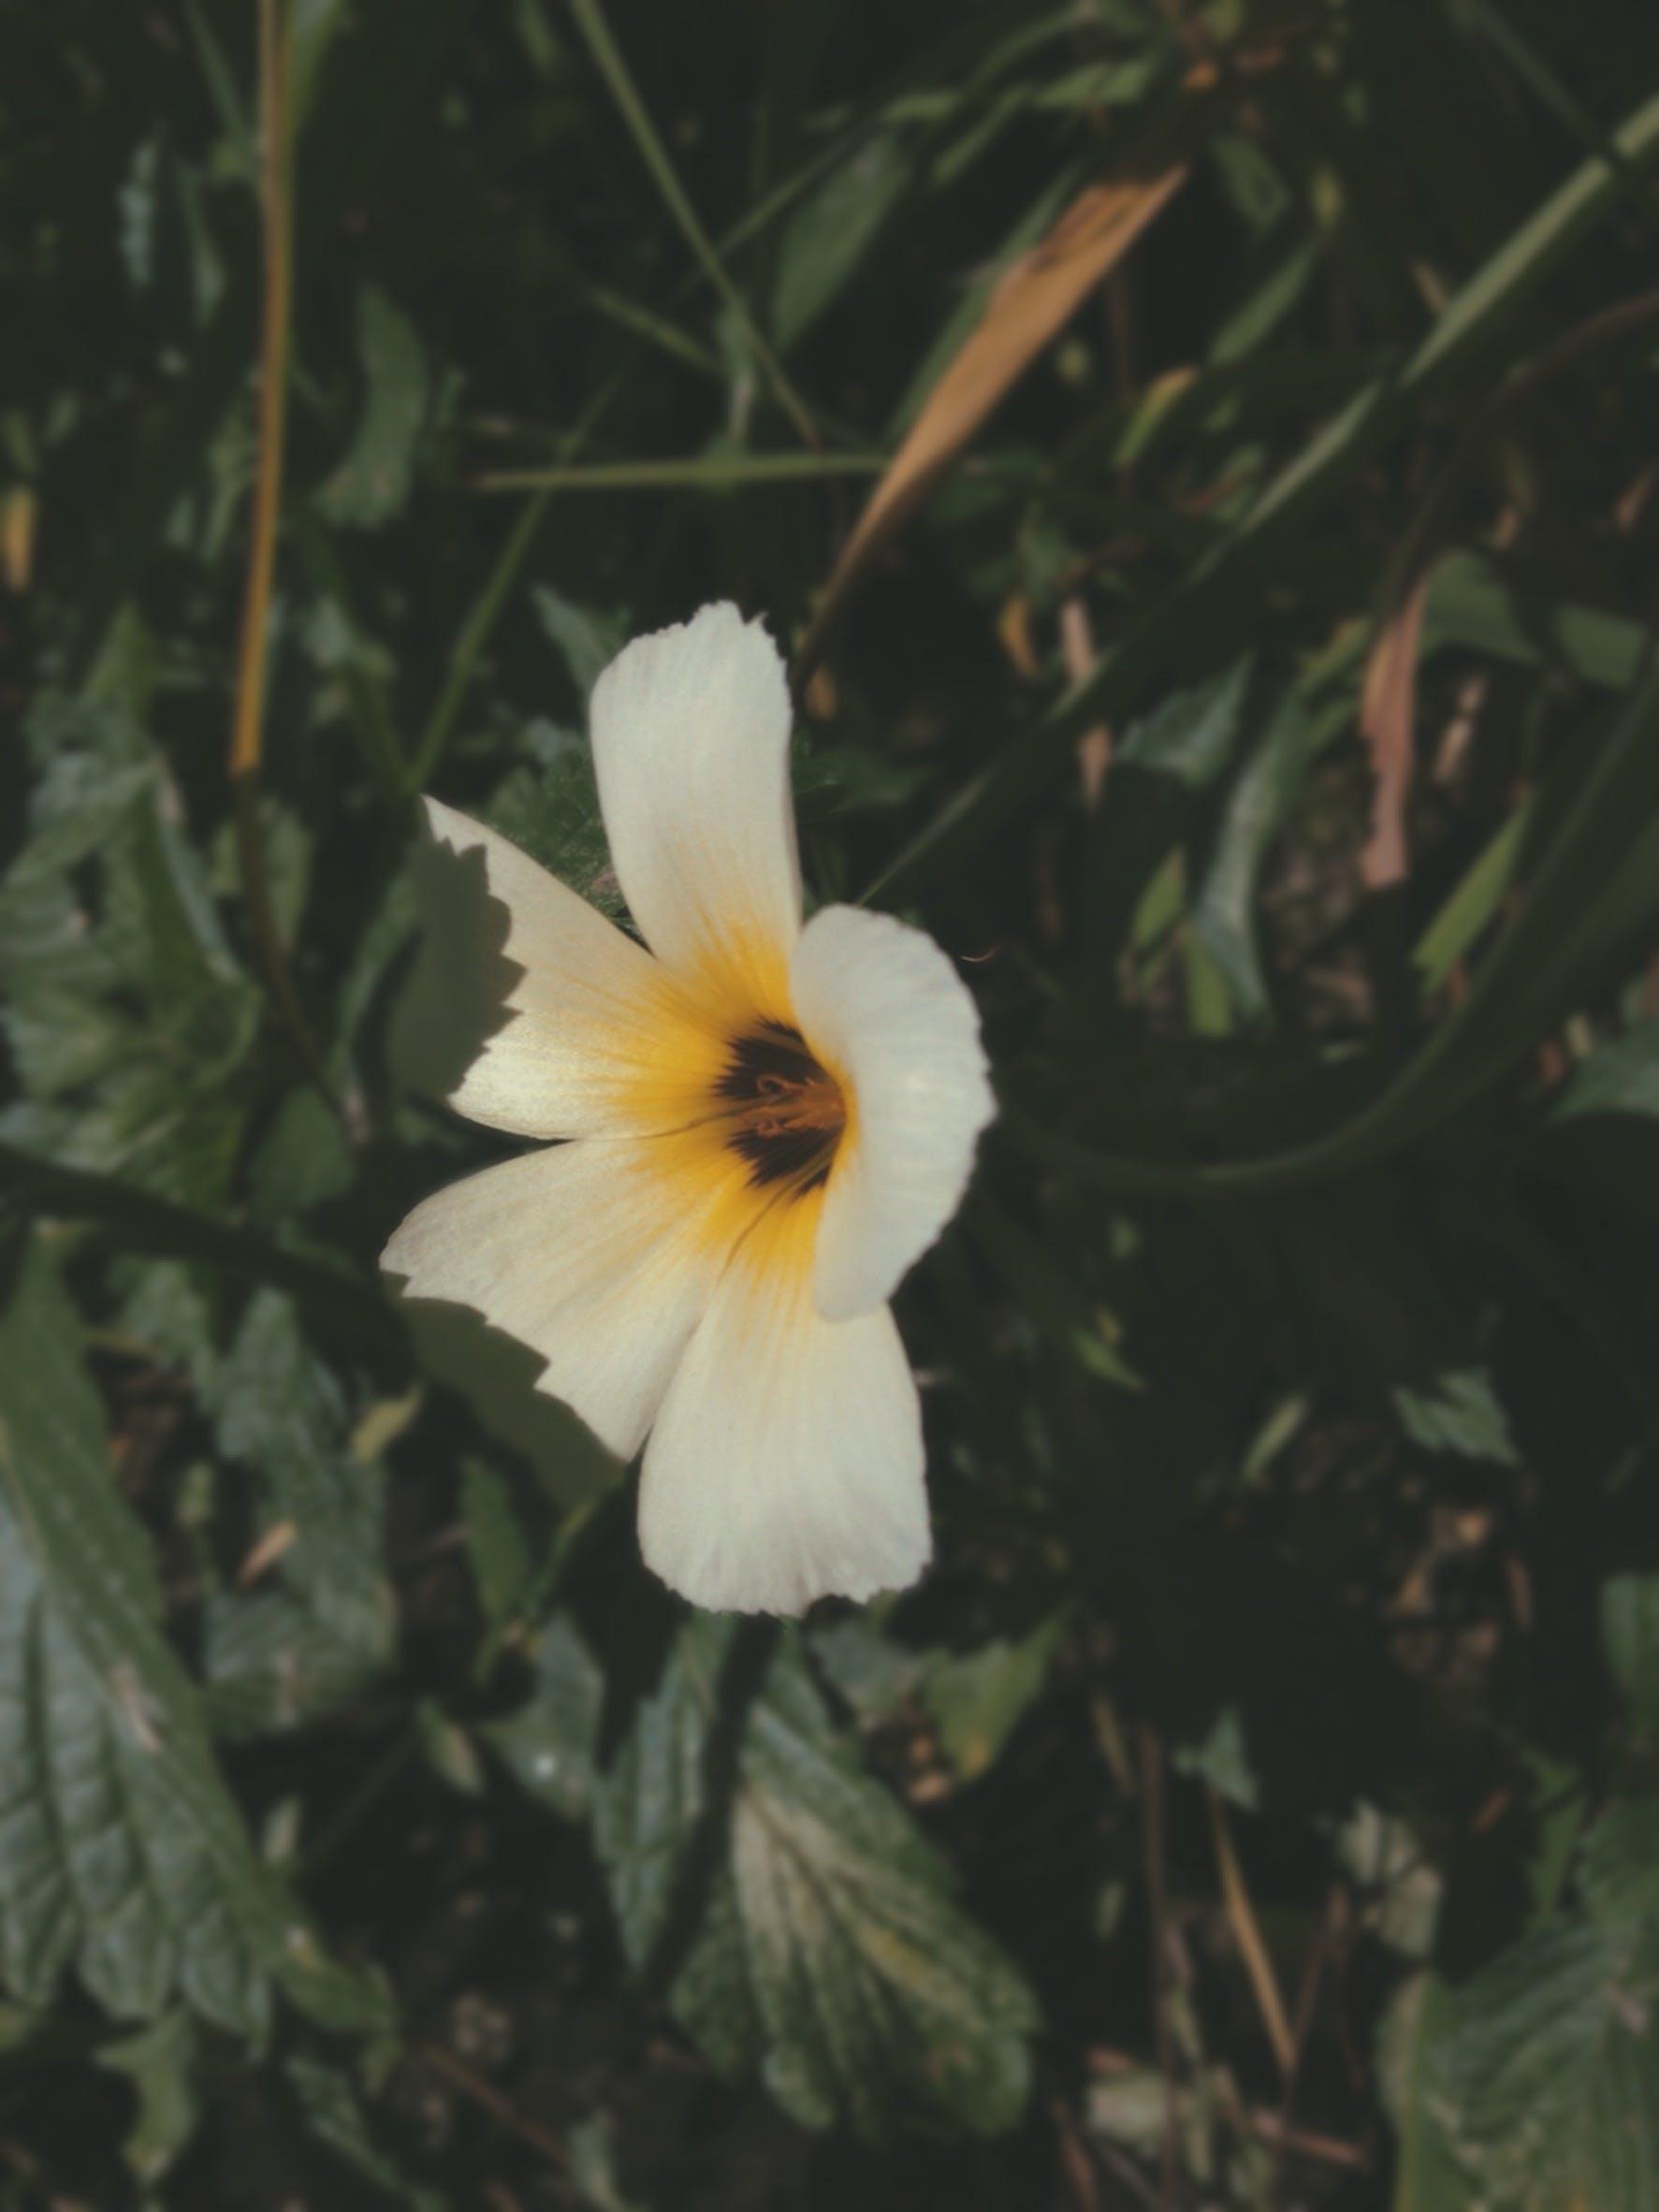 Δωρεάν στοκ φωτογραφιών με #mobilechallenge, #outdoorchallenge, #κίτρινος, #φύση